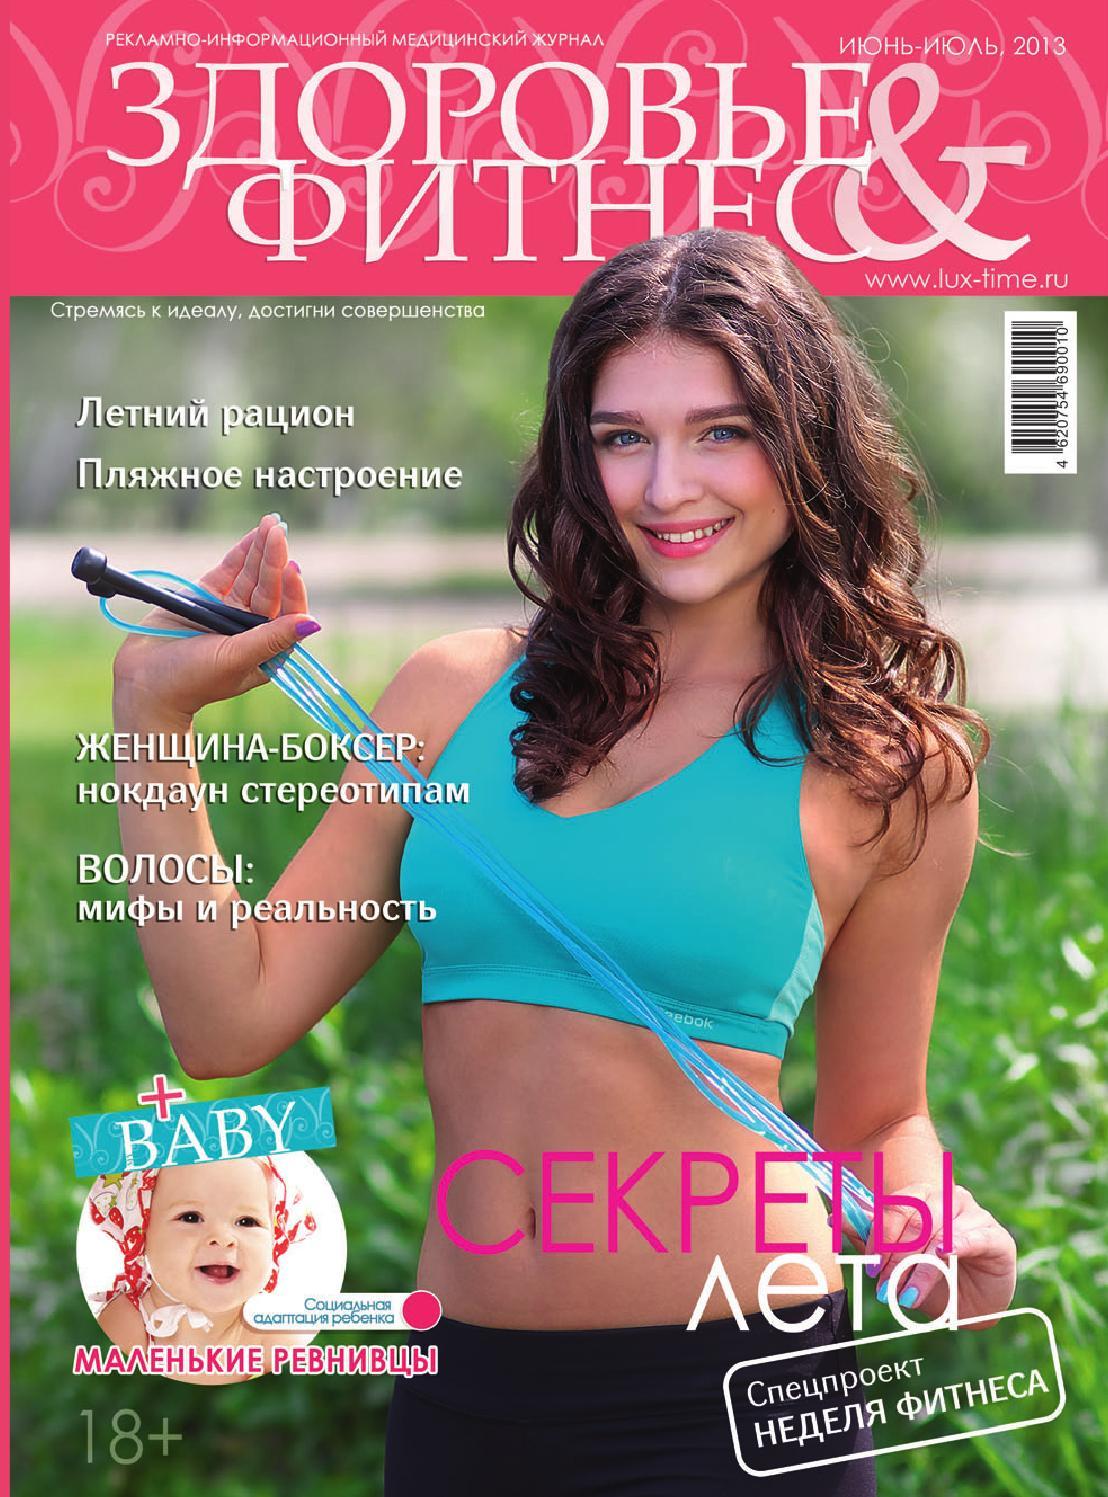 Женский журнал диеты рецепты гороскоп